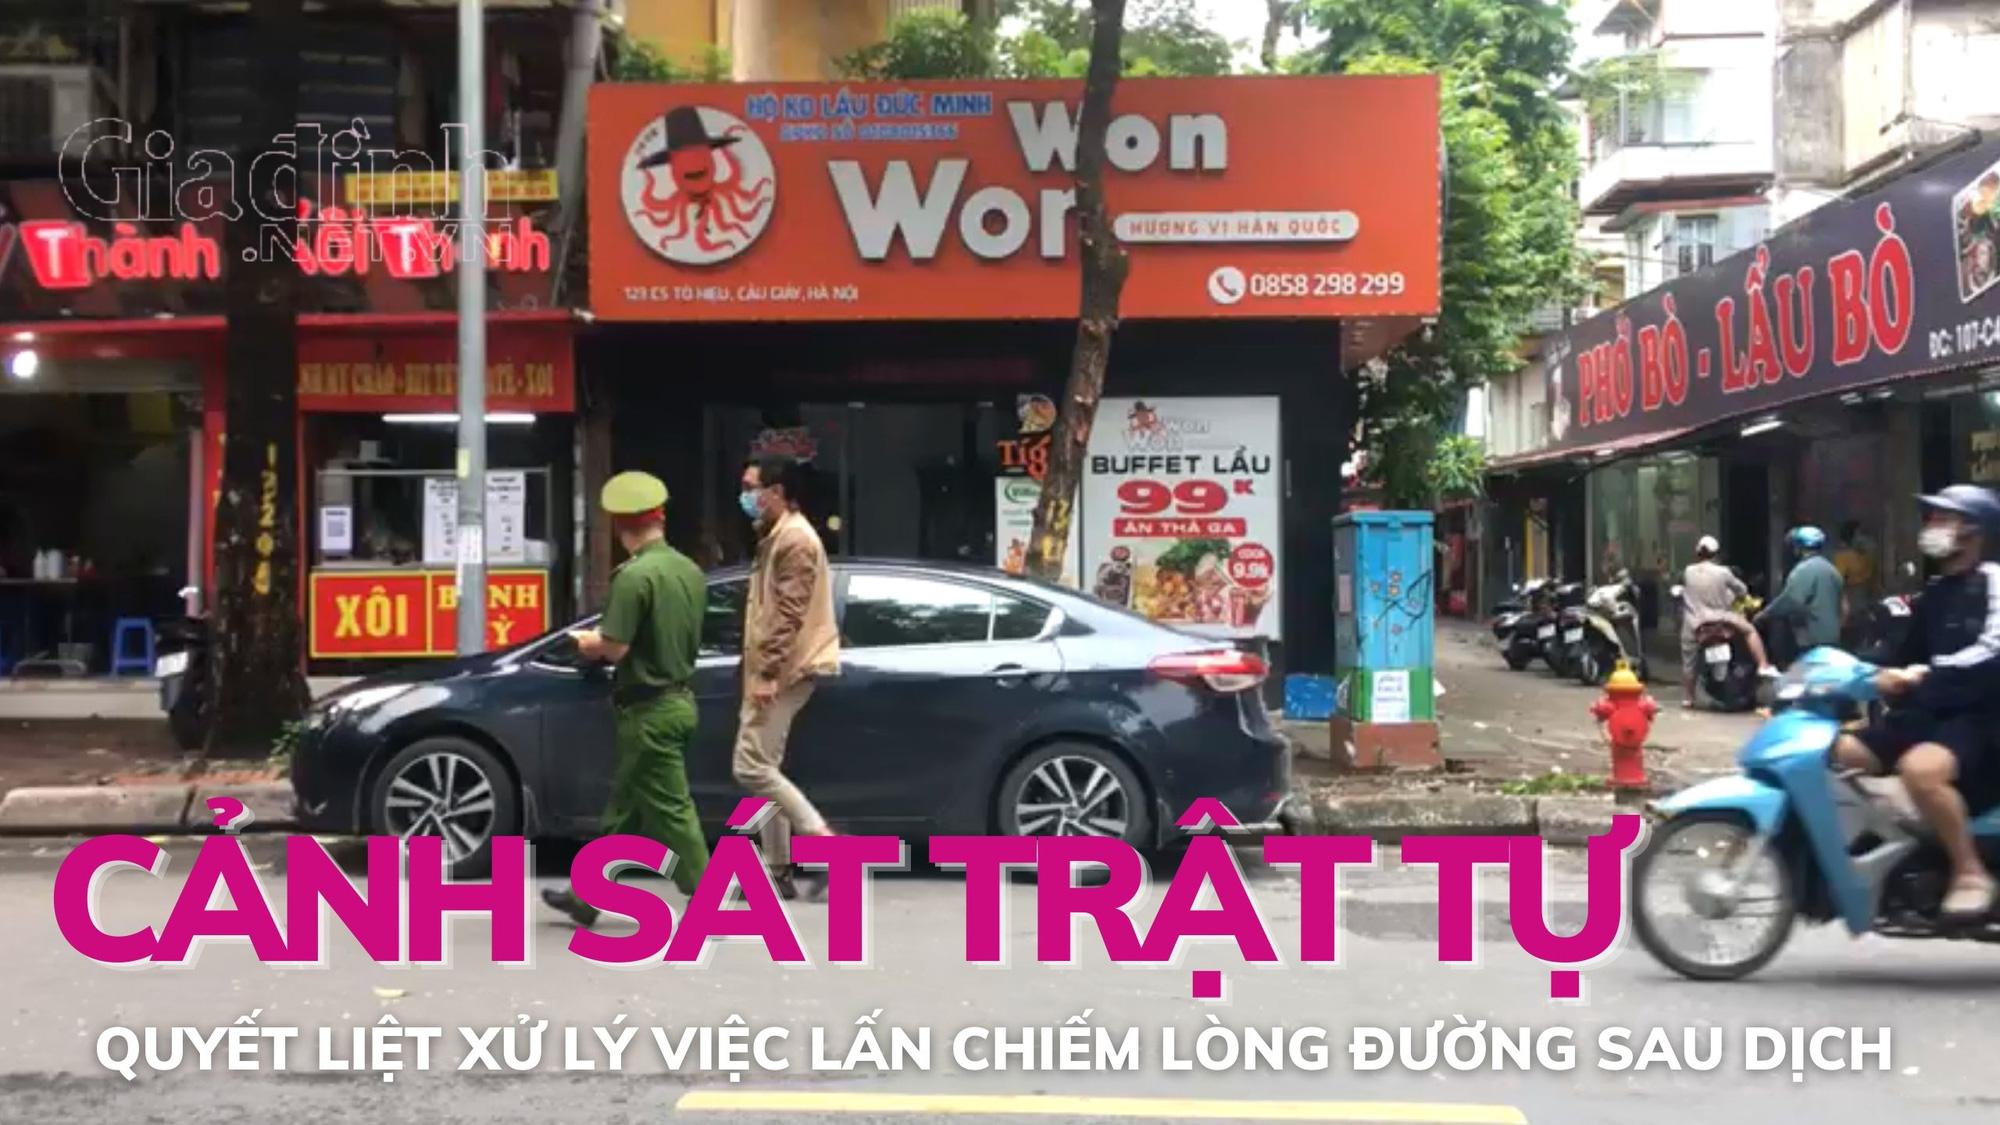 Cảnh sát trật tự quyết liệt xử phạt việc lấn chiếm lòng đường của người dân Hà Nội